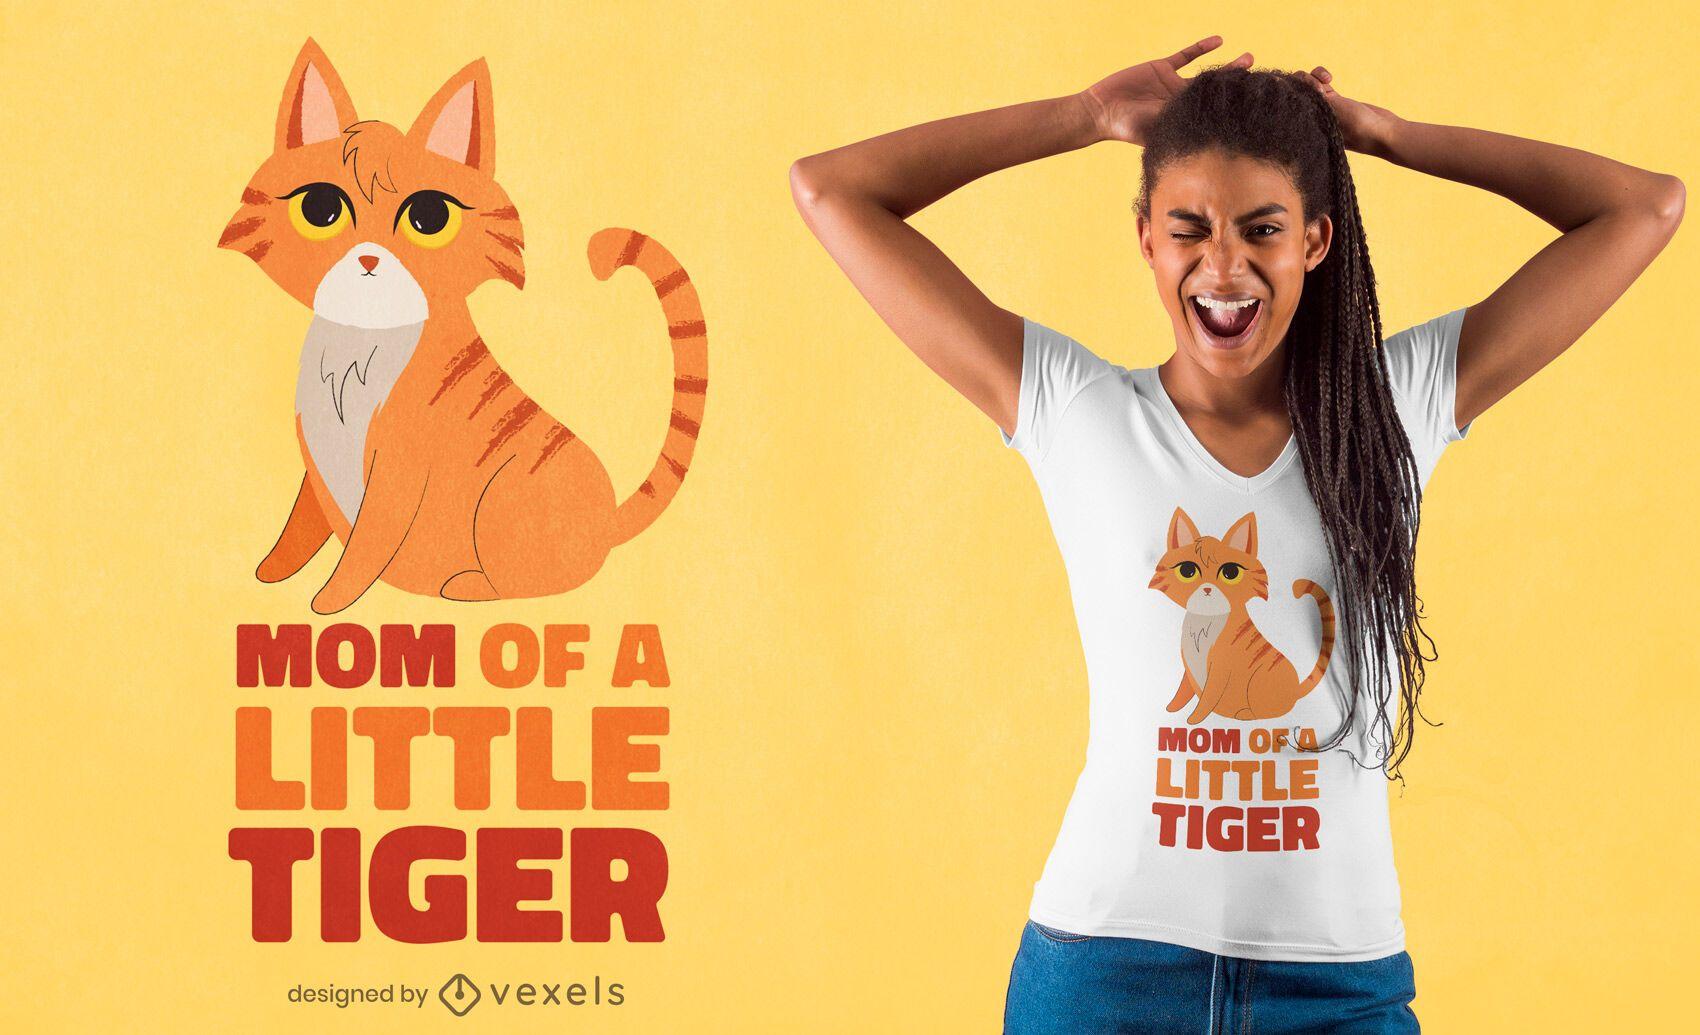 Little tiger cat t-shirt design